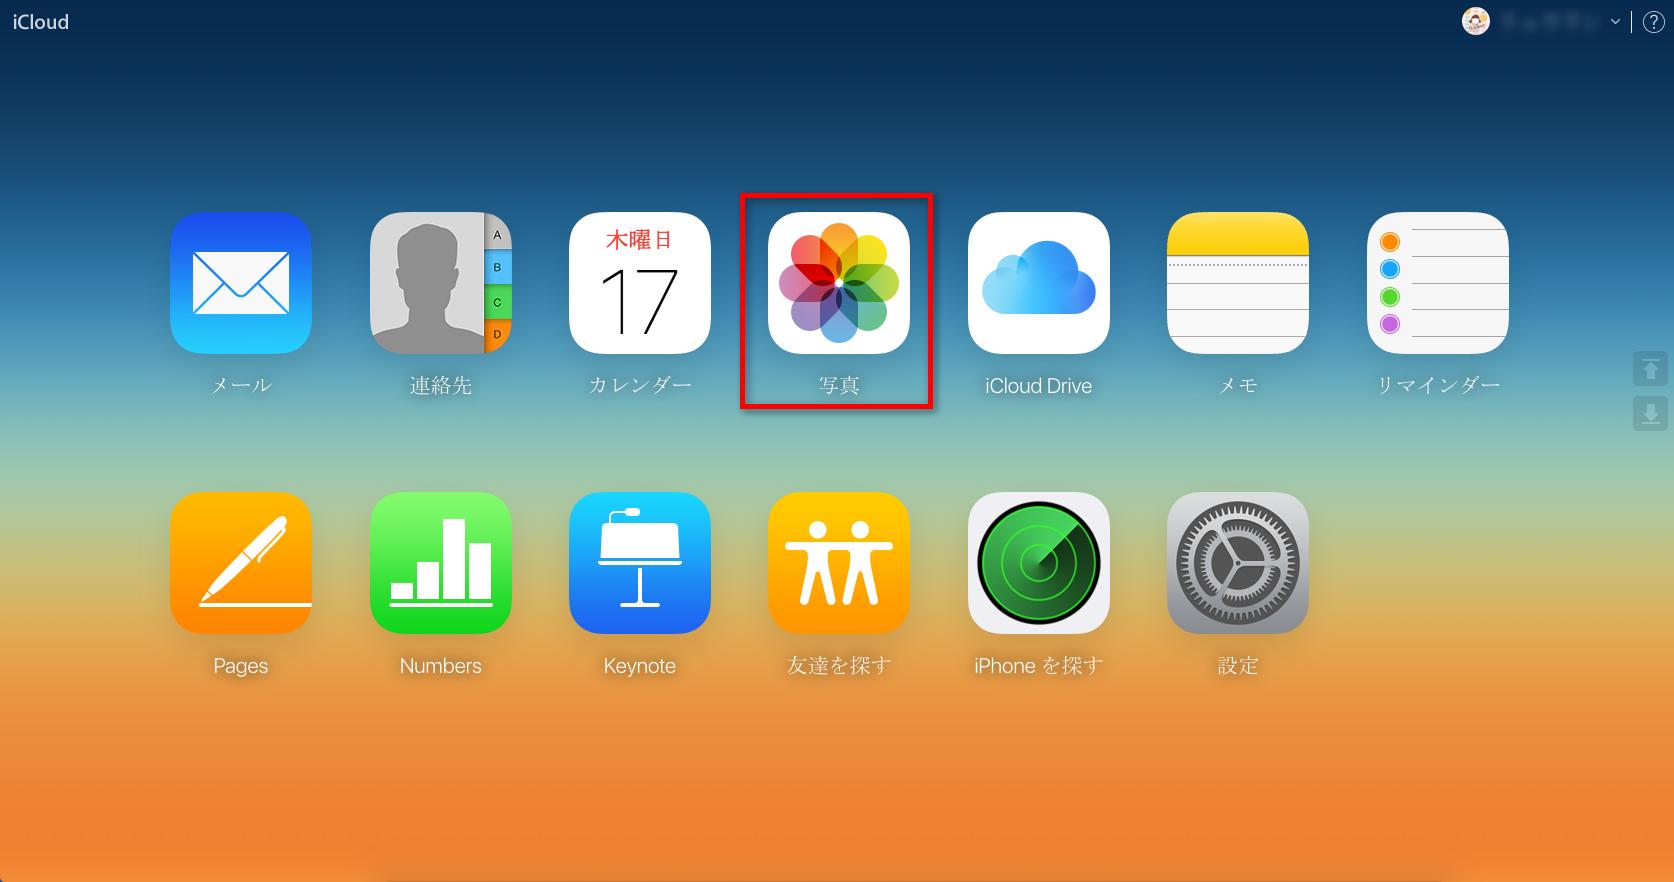 iCloudフォトライブラリでMacからiPhone 8/7/SE/6s/6に写真を転送する